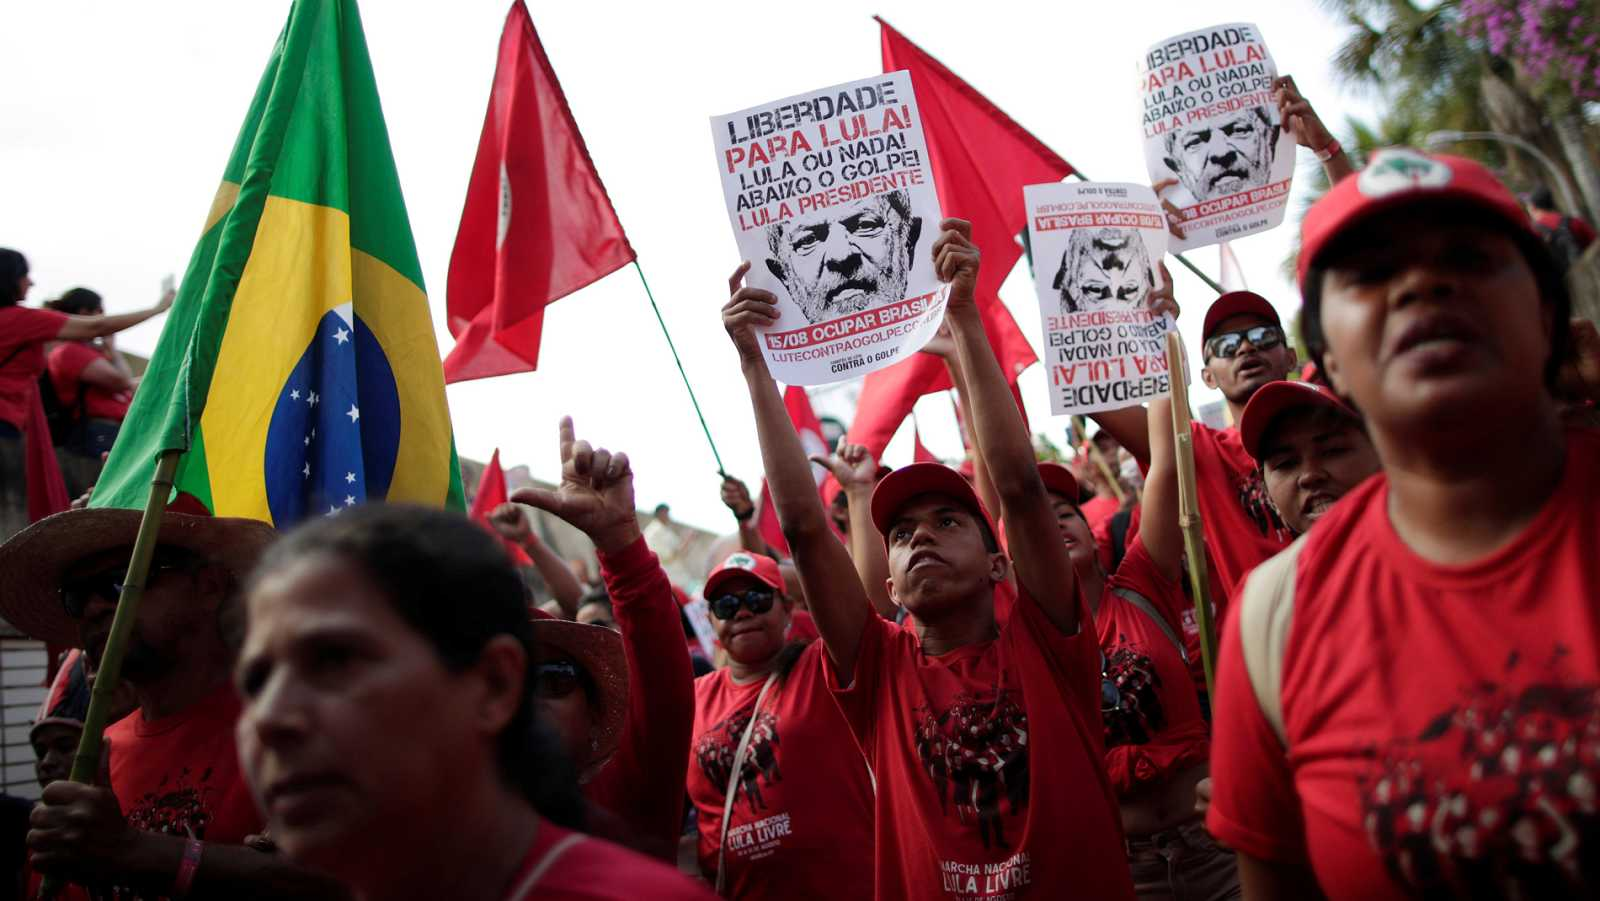 Condenado y desde la cárcel, Lula triunfa en las encuestas para las presidenciales